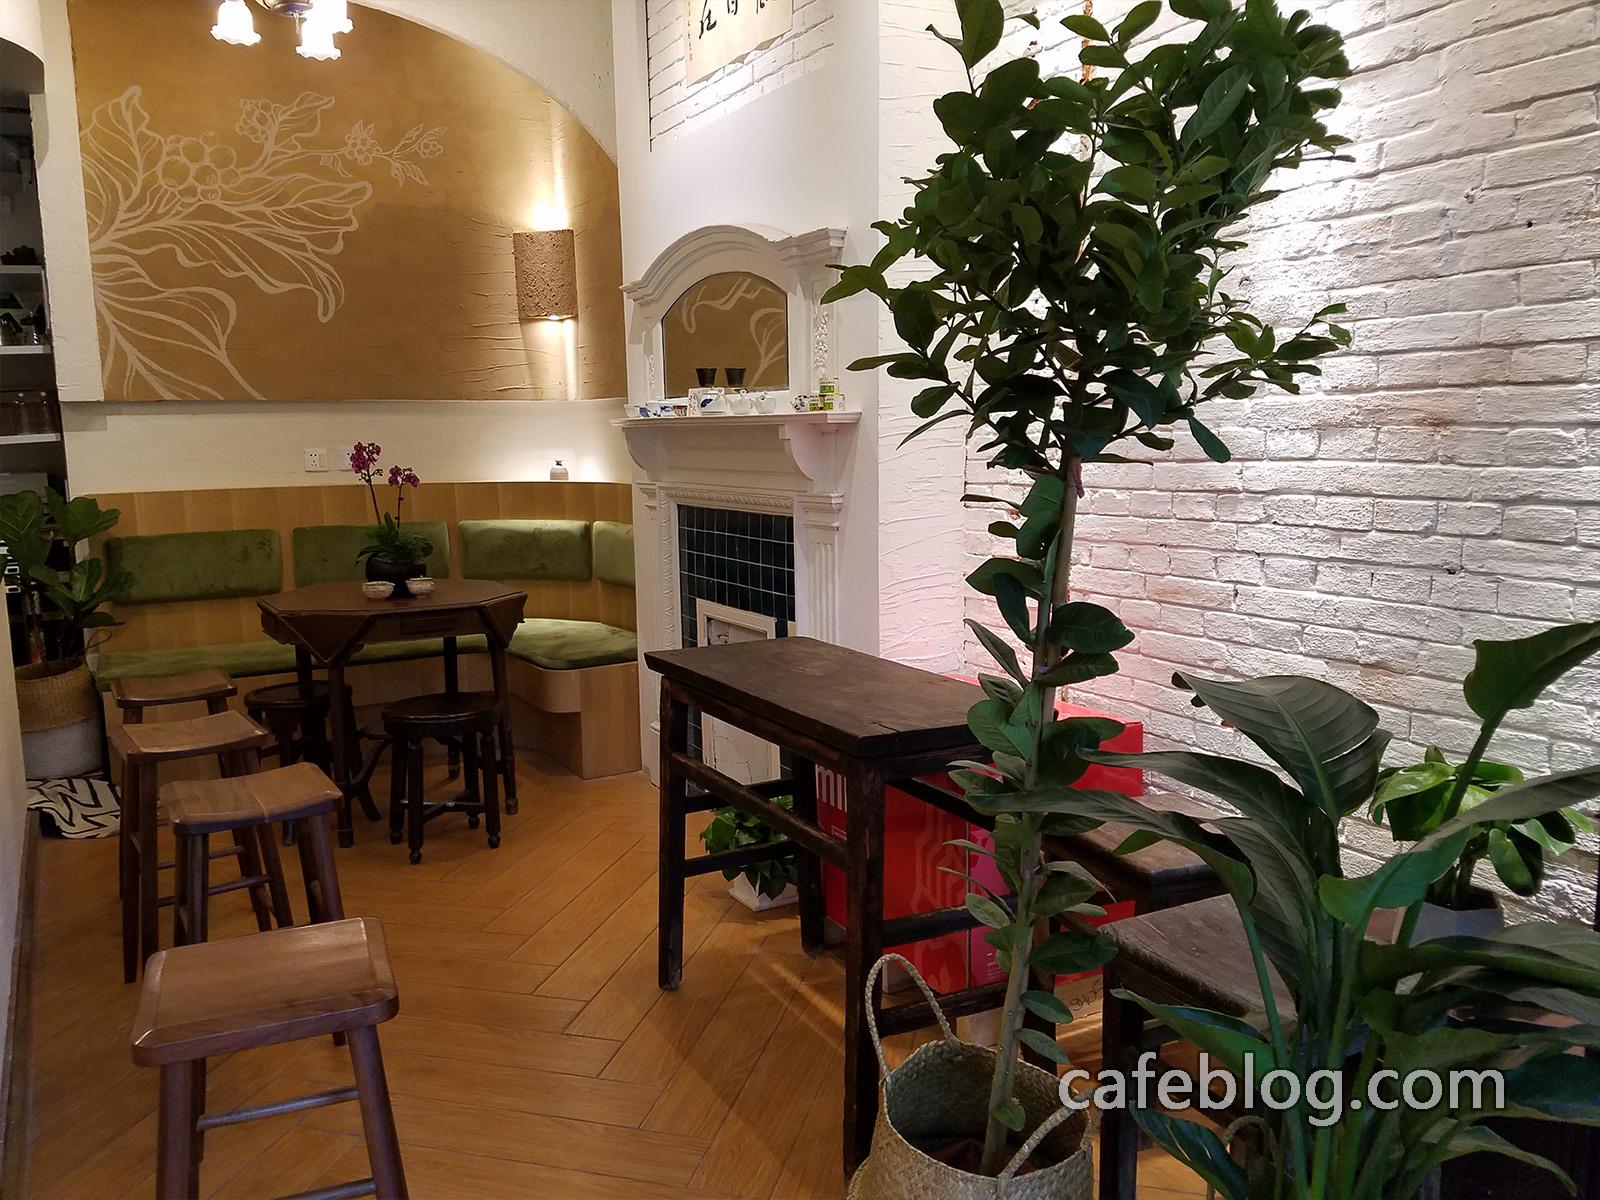 田珈啡 店铺